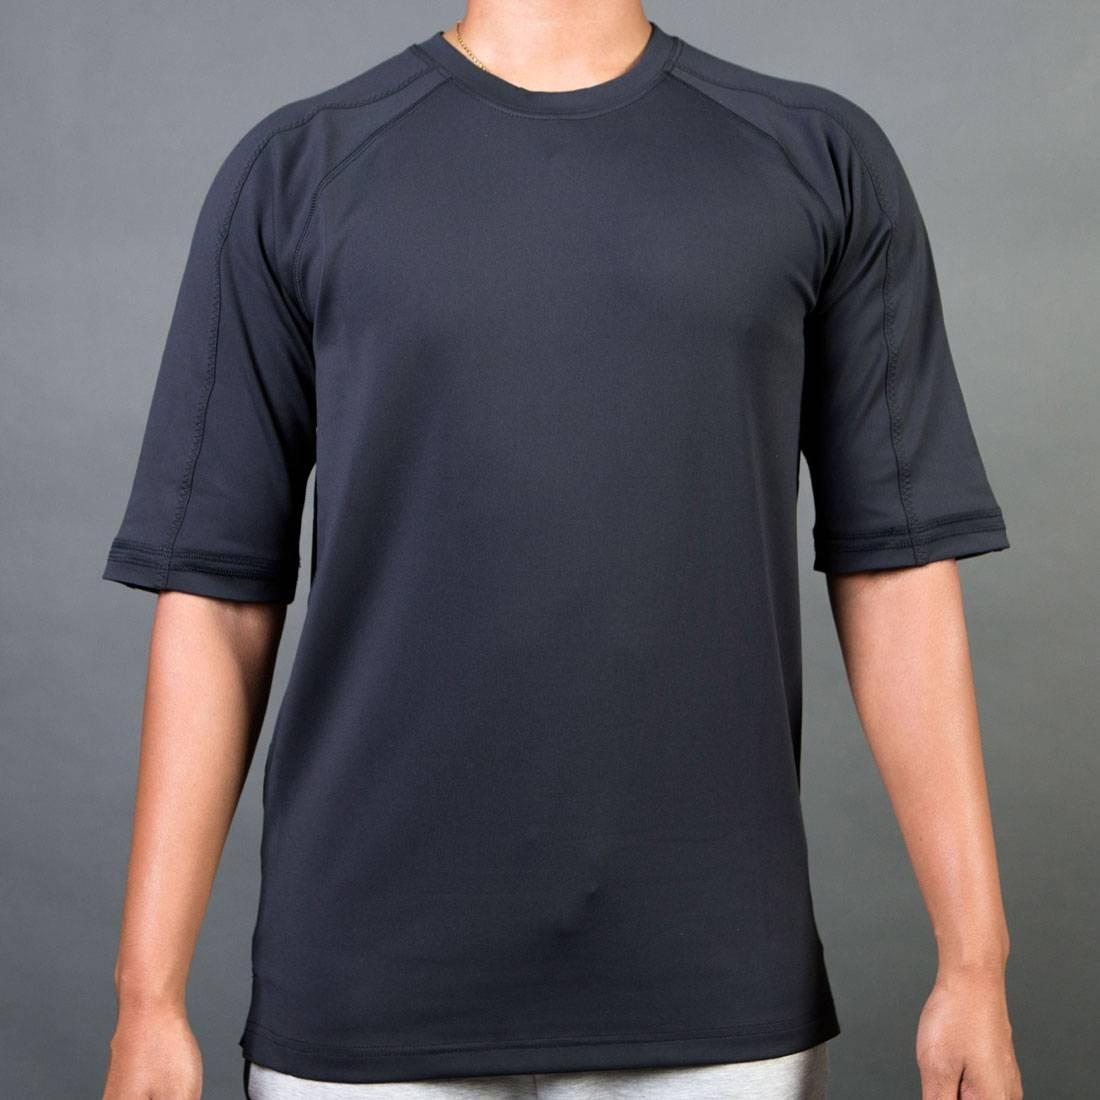 アディダス ADIDAS Tシャツ メンズファッション トップス カットソー メンズ 【 Consortium Day One Men No Stain Tee (black) 】 Black